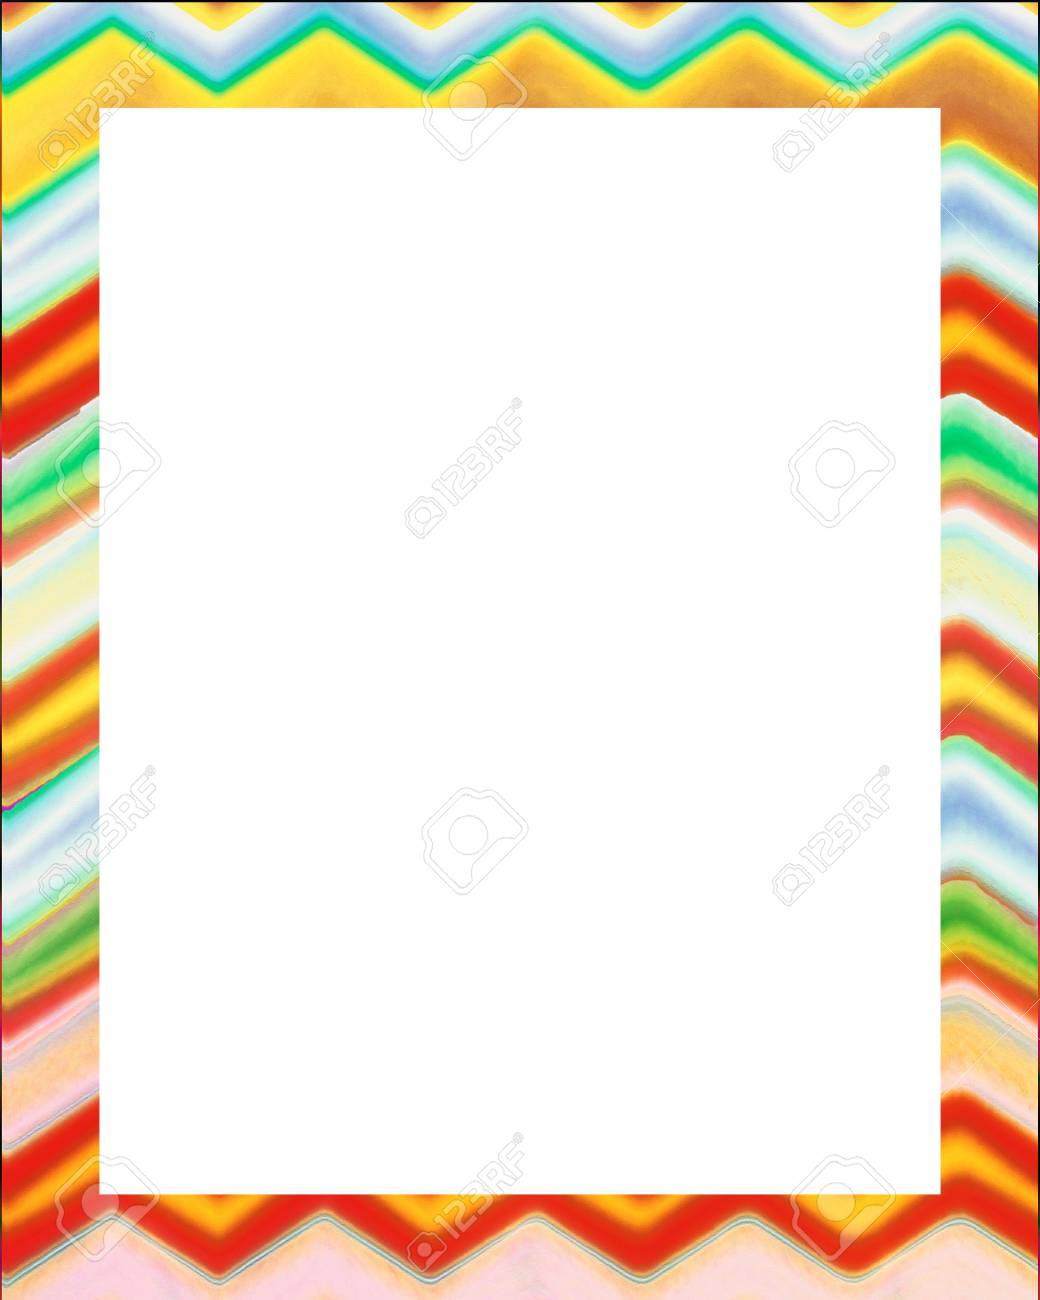 Fondo Del Marco Del Diseño Blanco Con Bordes De Color Estilo Galón ...